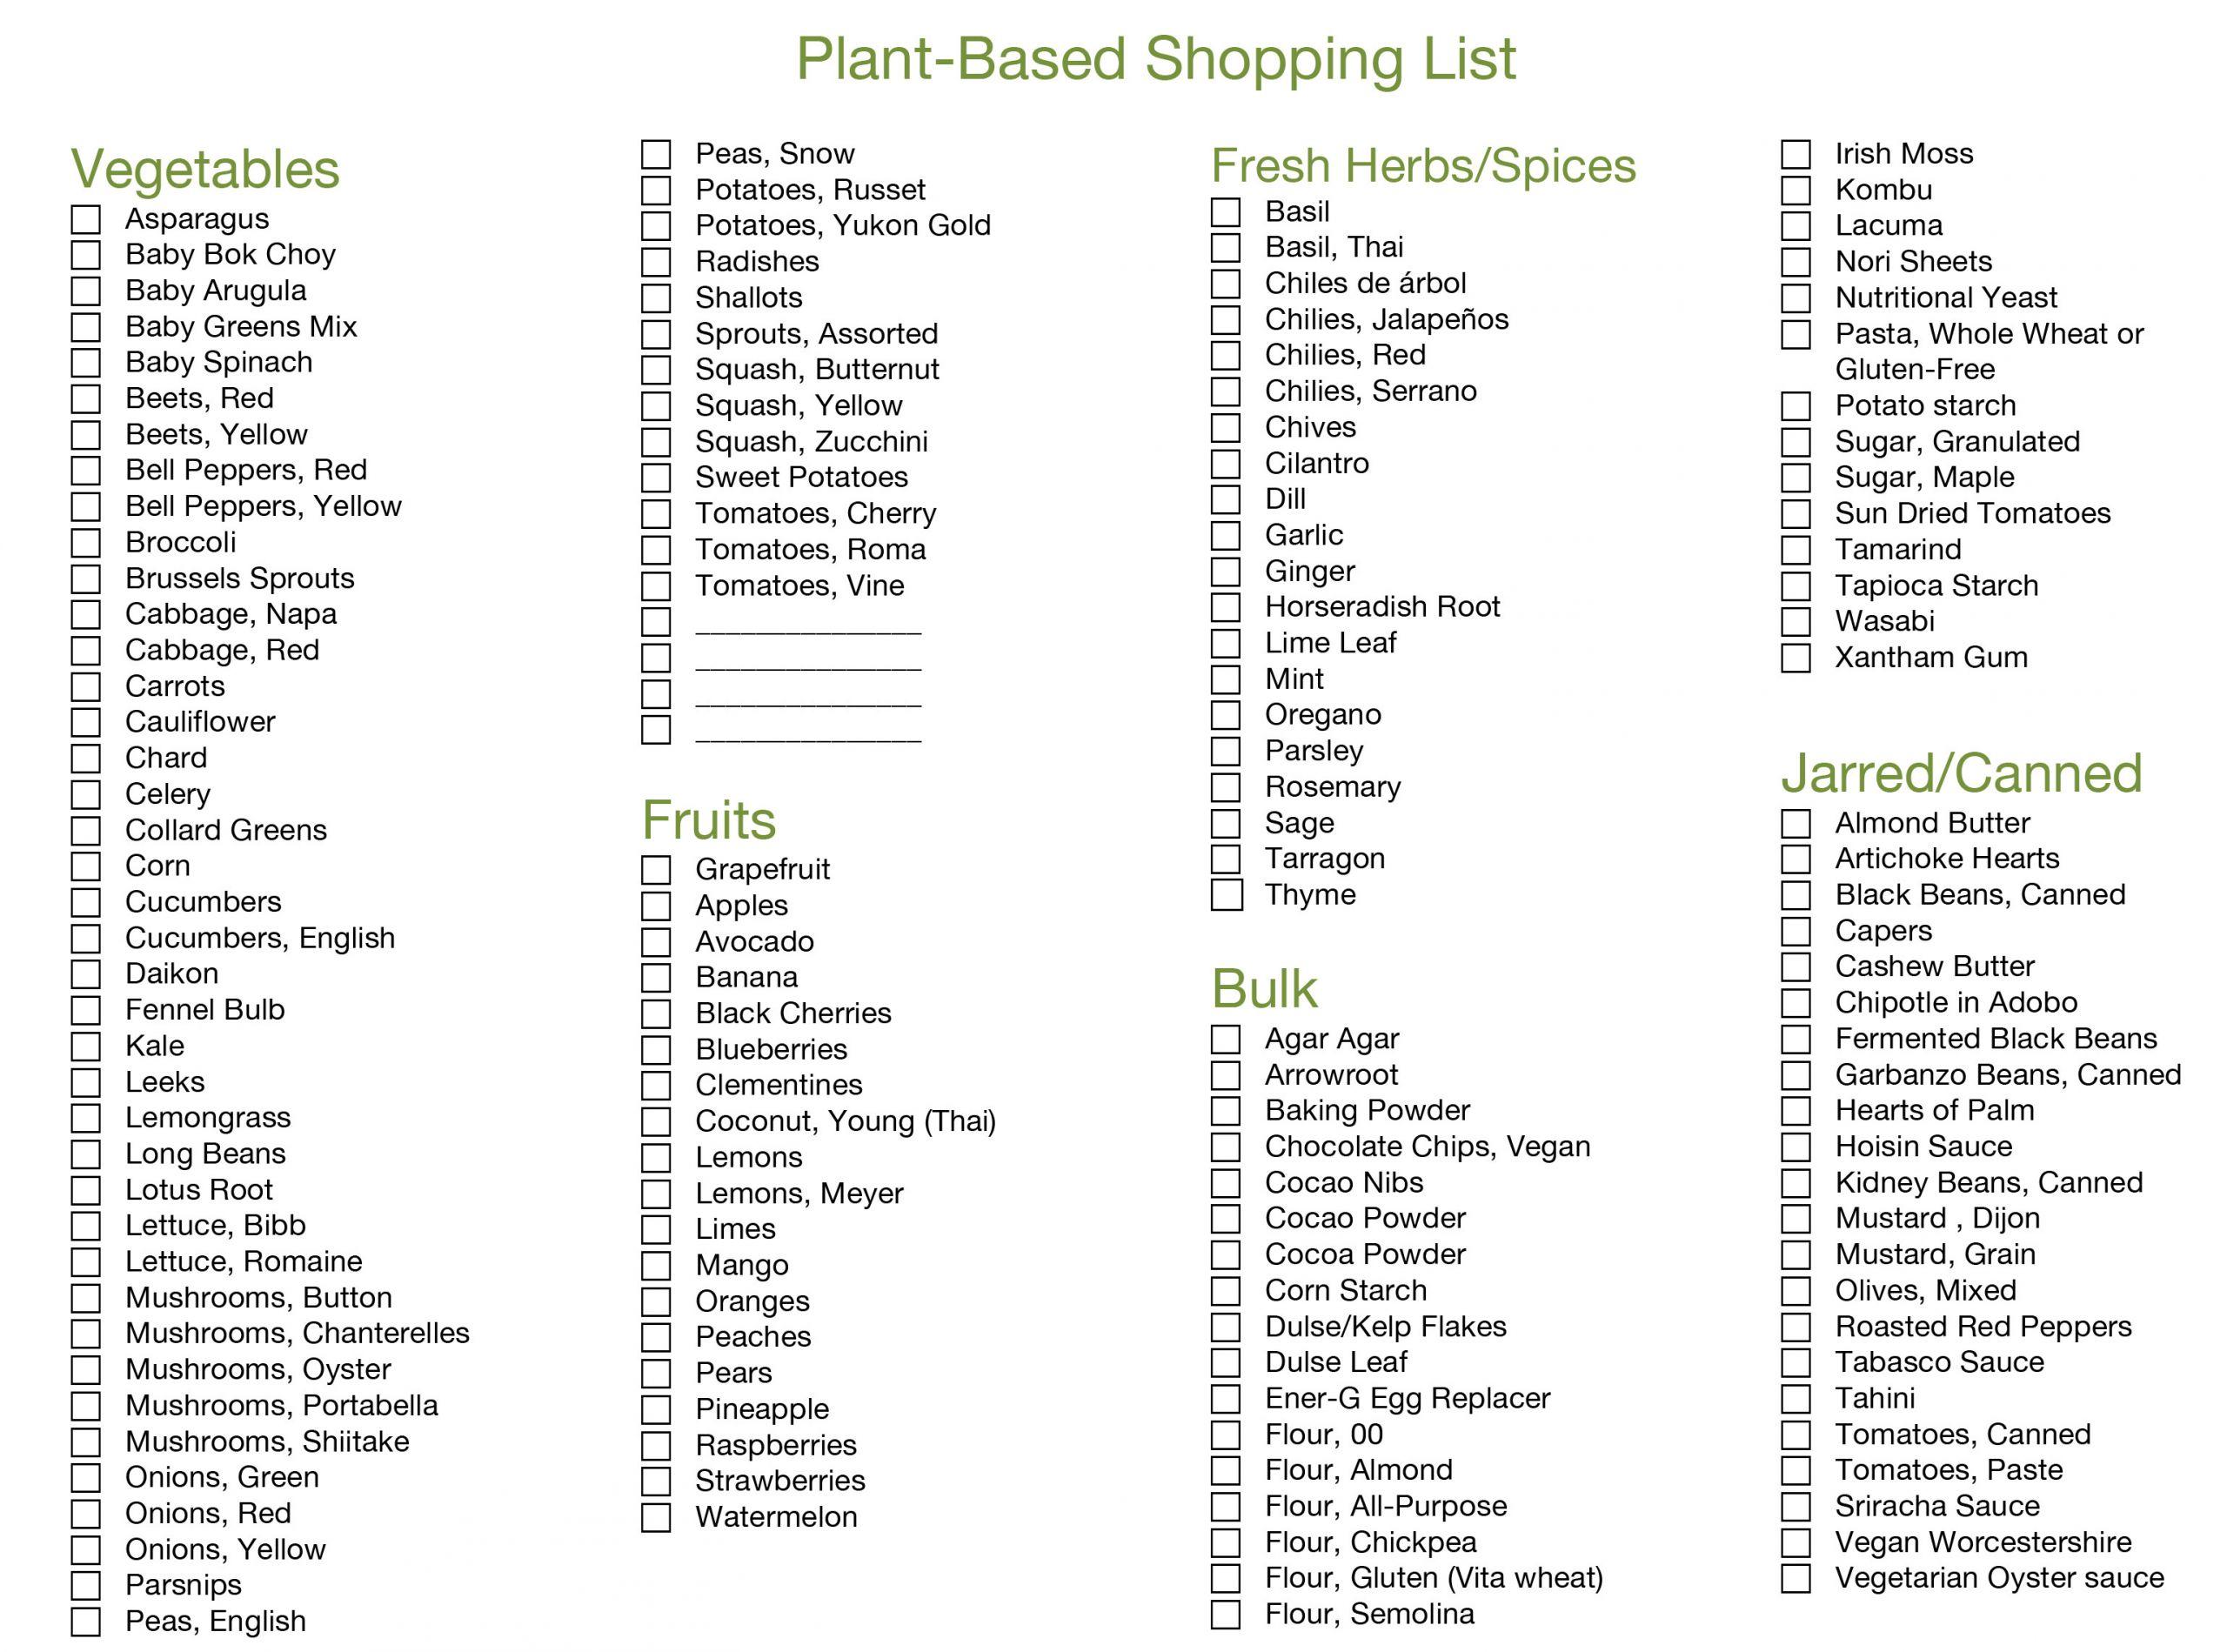 Plant Based Diet Shopping List  Plant Based Grocery Shopping – SPIRITPLATE